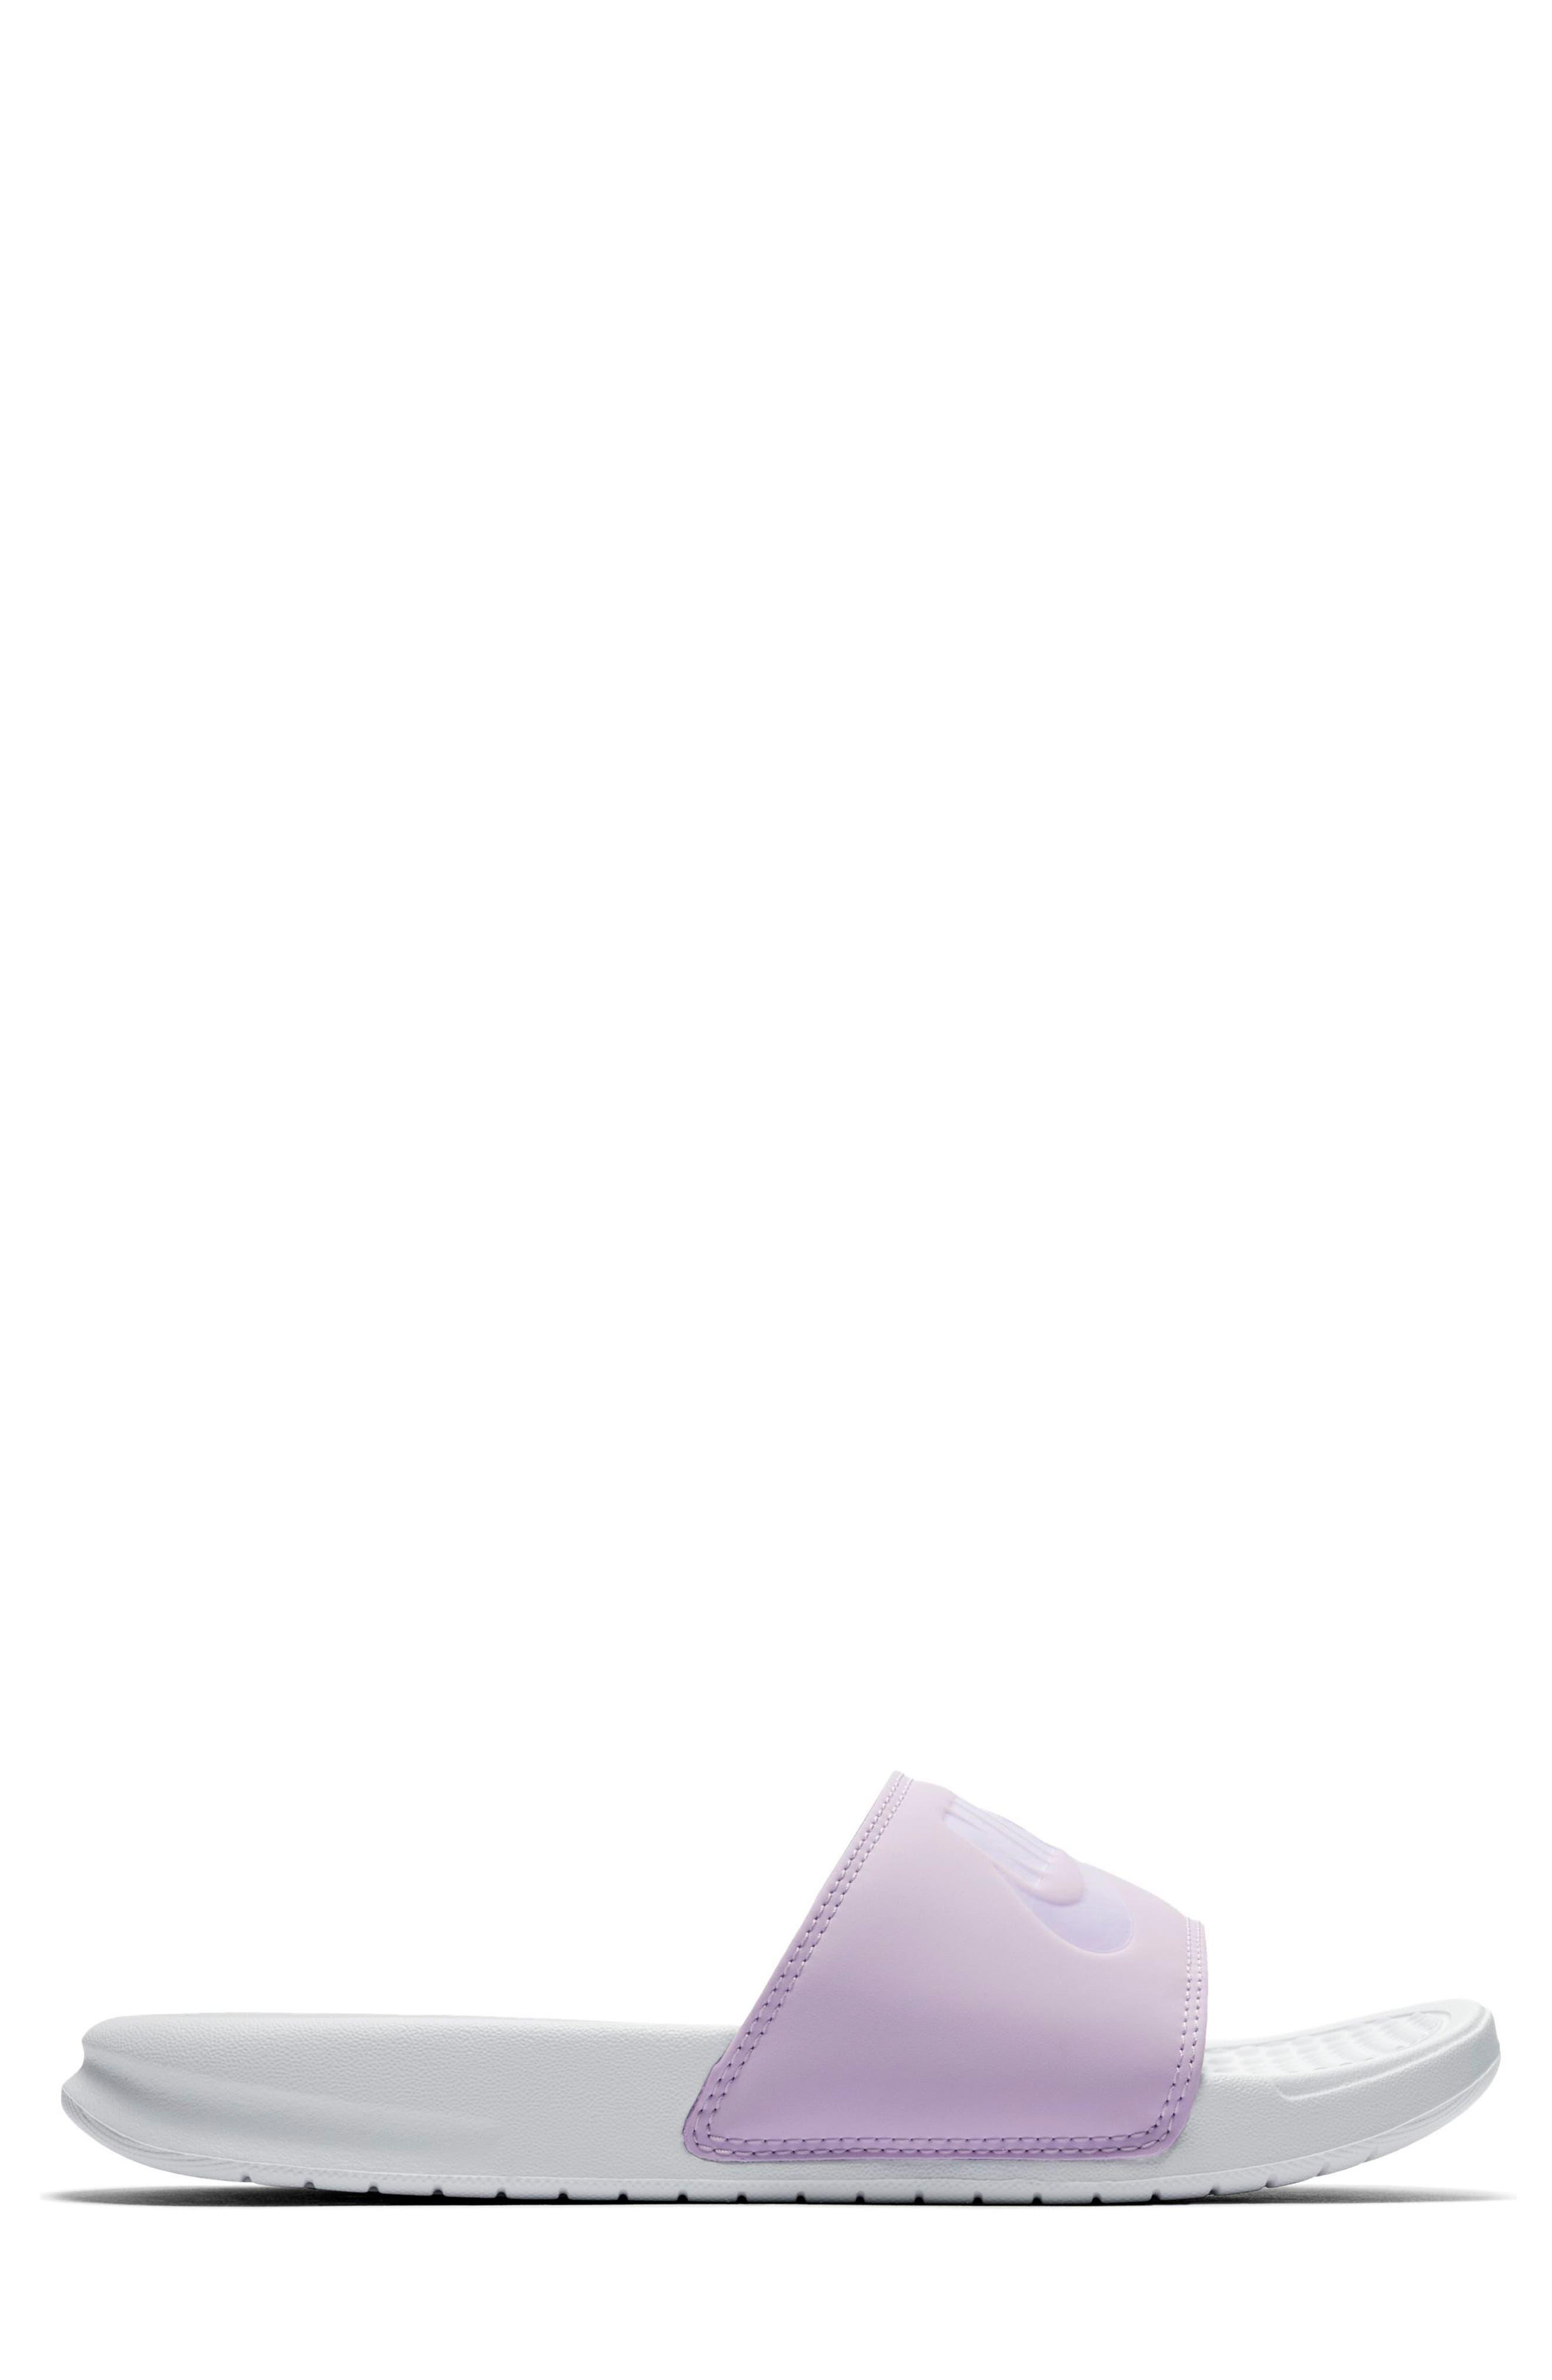 Benassi Slide Sandal,                             Alternate thumbnail 12, color,